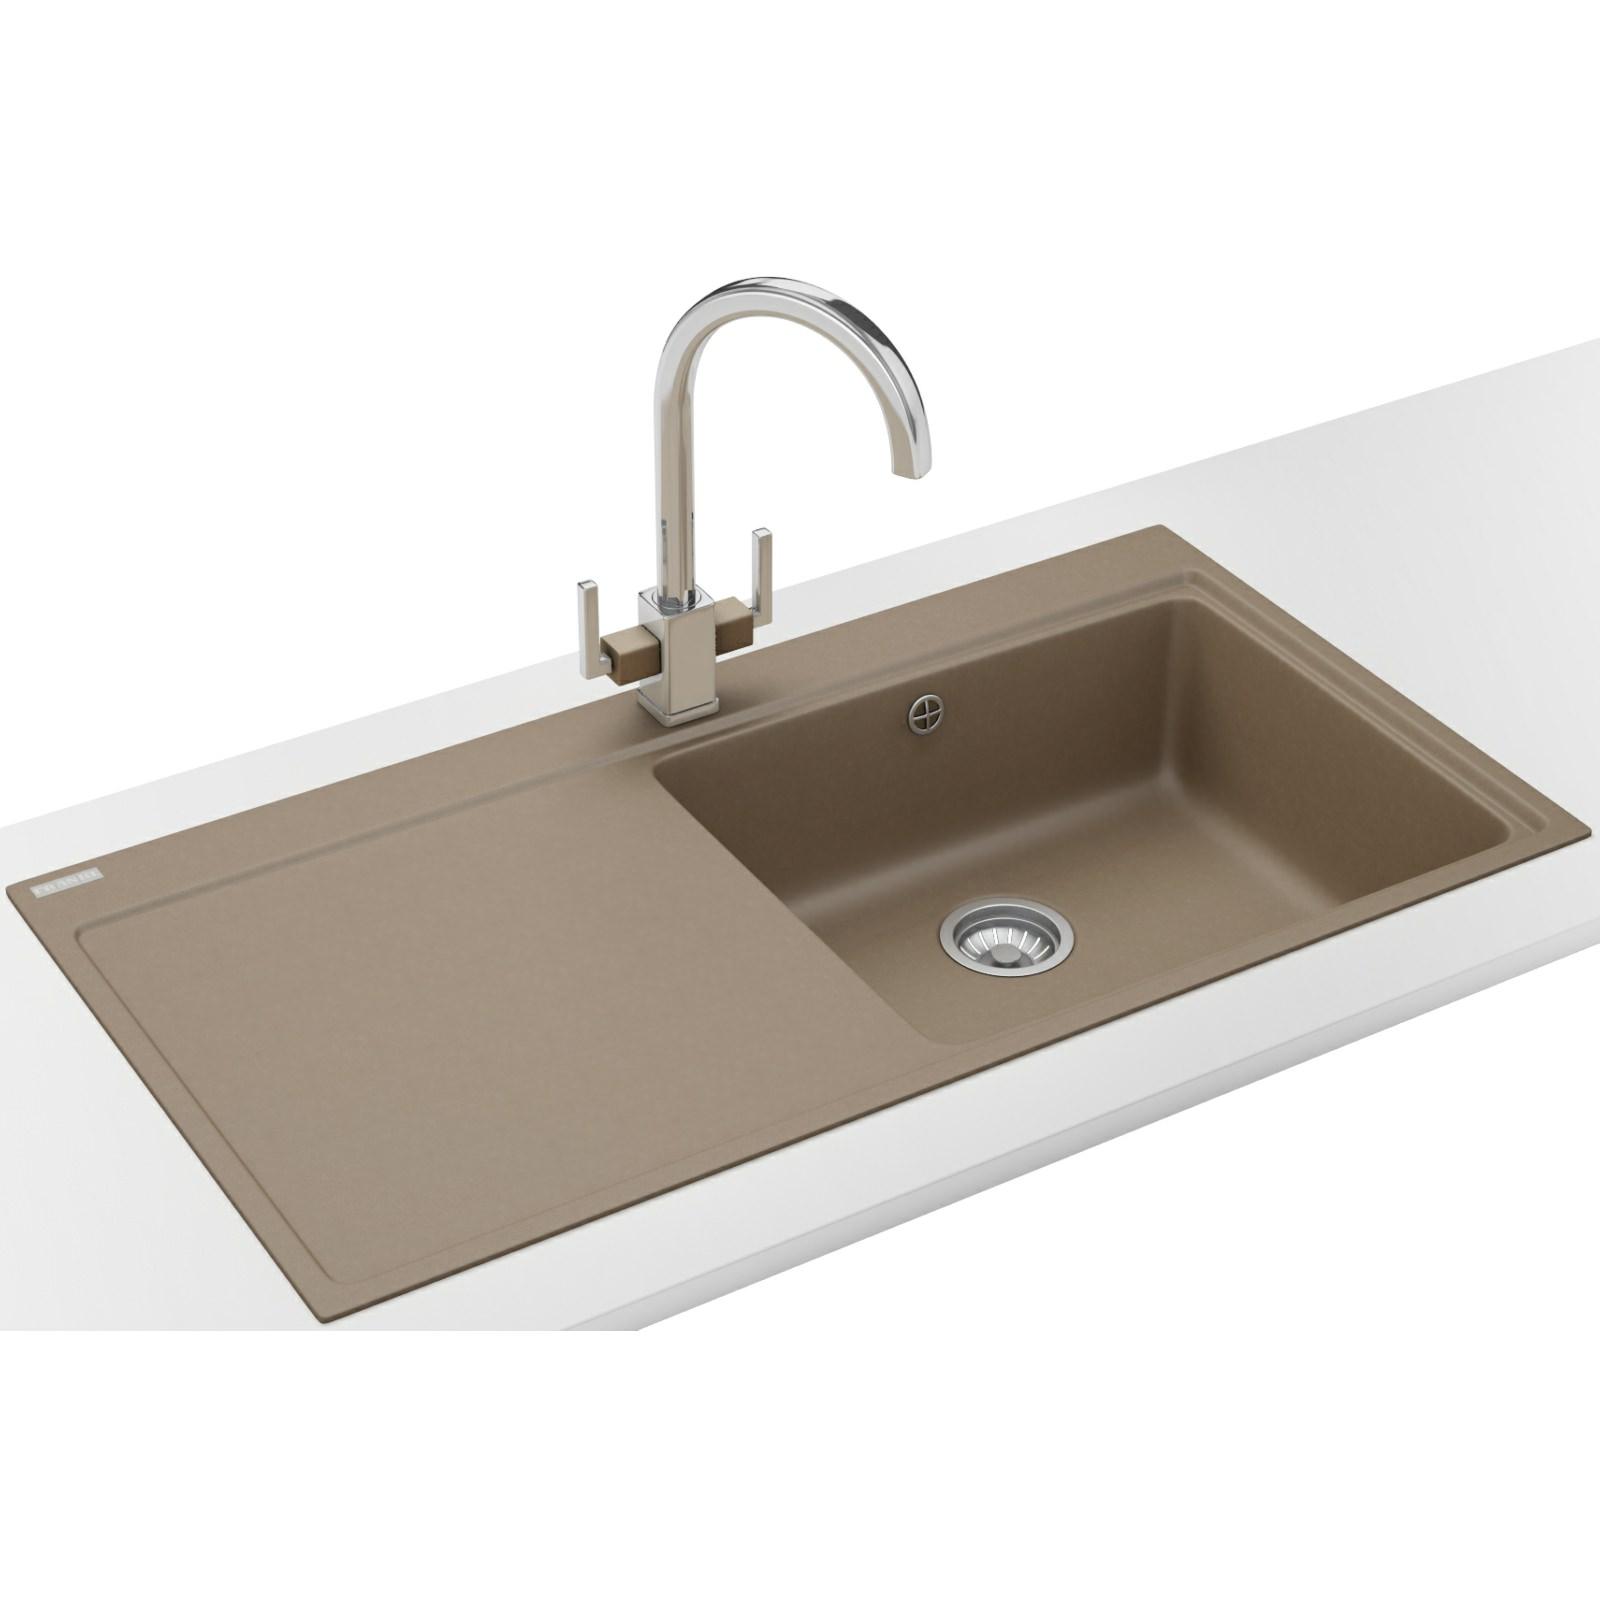 Franke mythos designer pack mtg 611 fragranite oyster sink - Trendy kitchen sinks ...